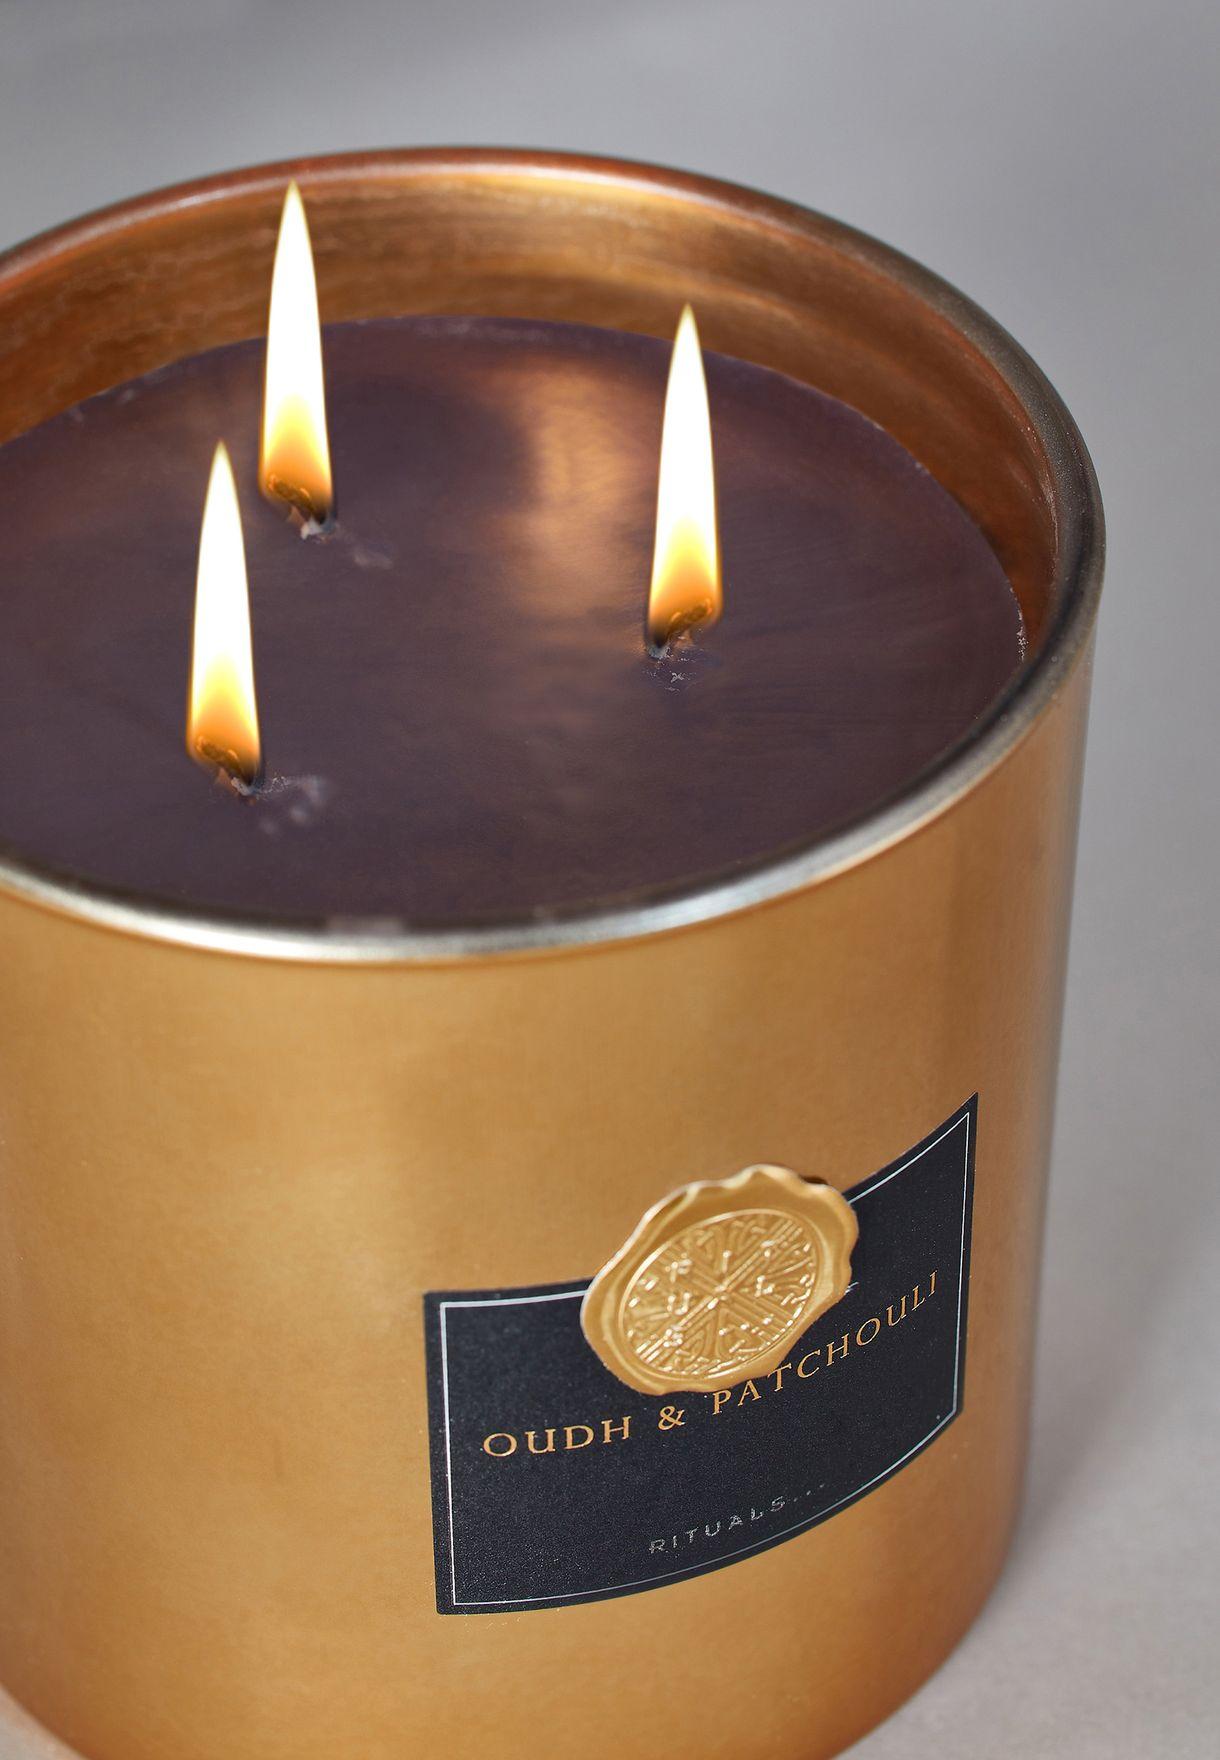 شمعة عطرية اكس لارج - ذا ريتشوال اوف عود